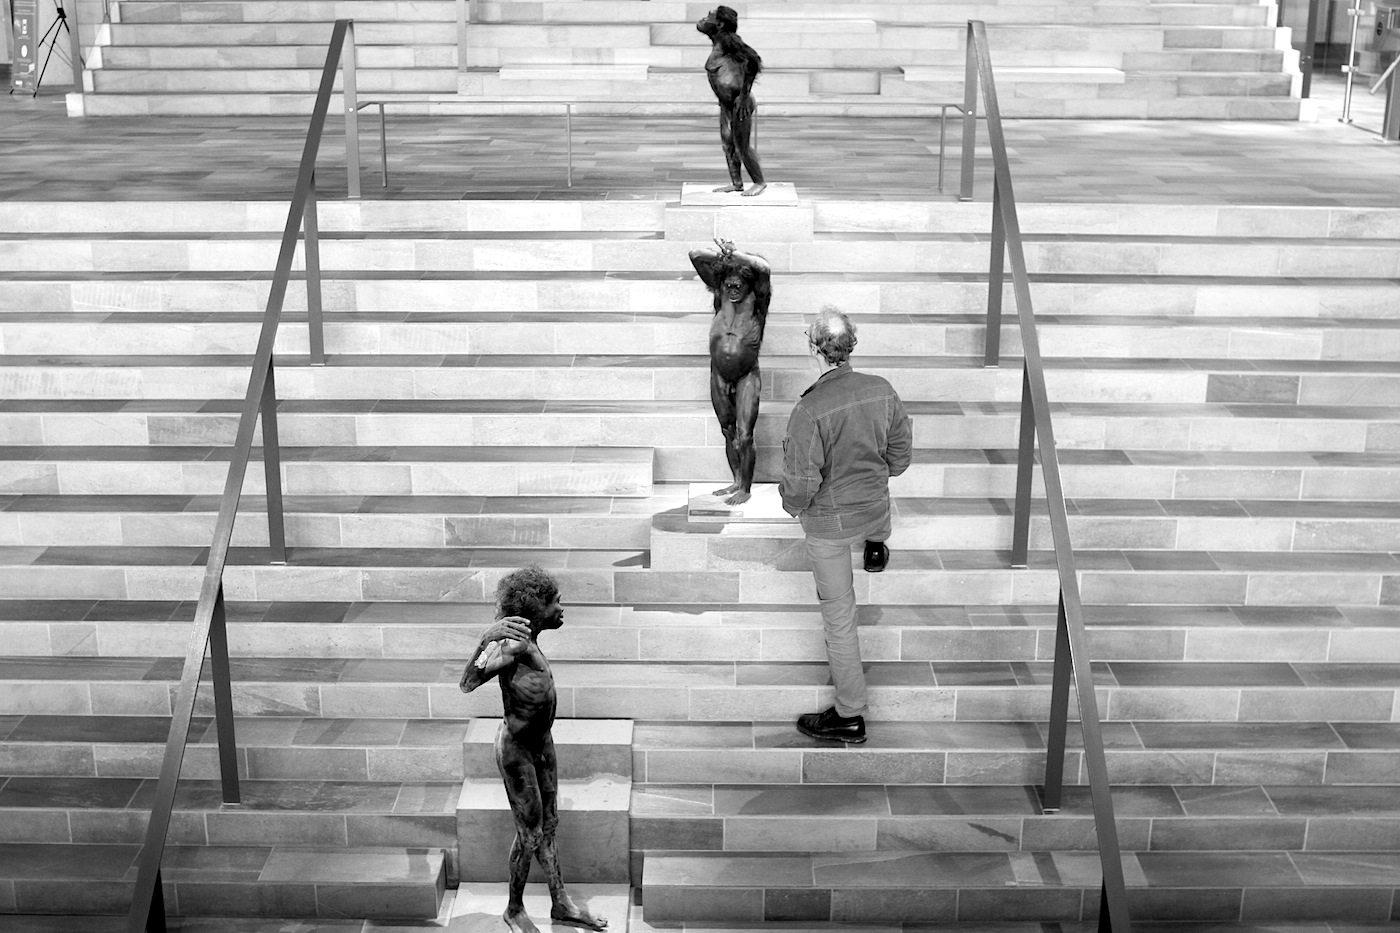 Moesgaard Museum. Der Weg in die Urgeschichte von Homo Sapiens und seinen Verwandten und damit in die ständige Ausstellung führt über die Evolutionstreppe, auf der täuschend echte Wachsfiguren-Homini stehen. Der etwas kahlköpfige, bekleidete Mensch ist ein Besucher.